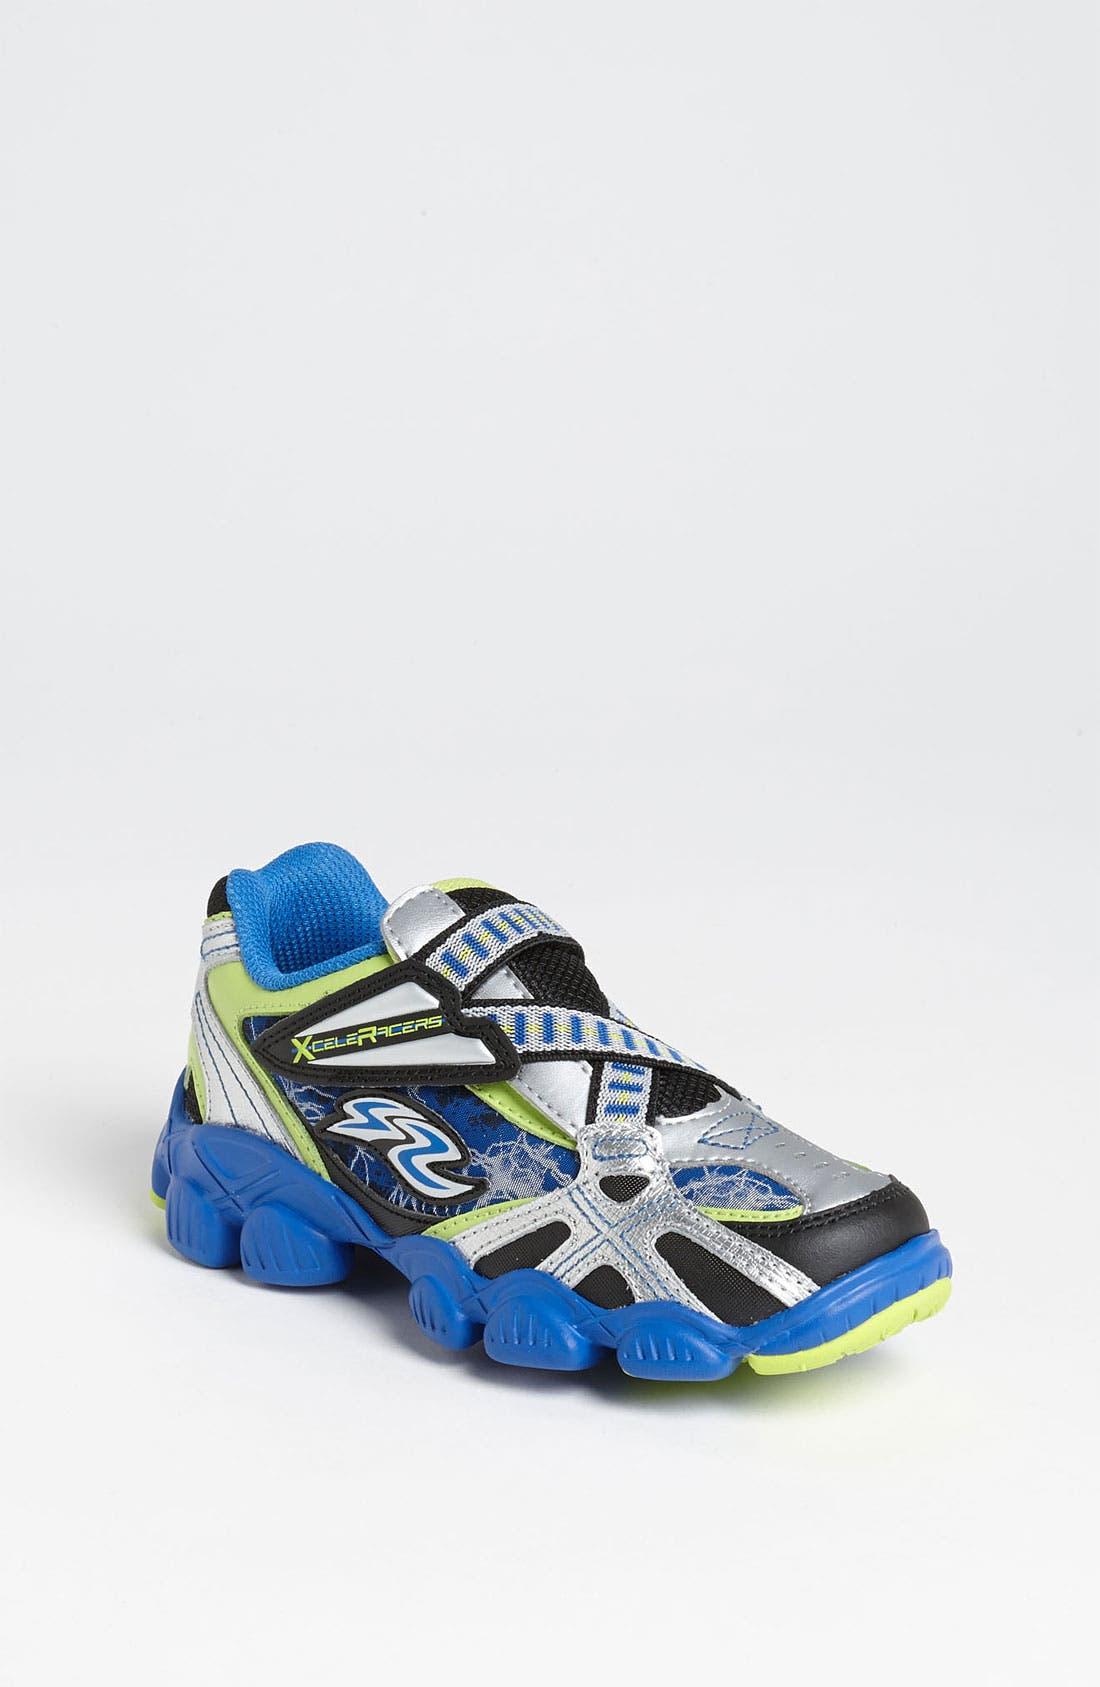 Alternate Image 1 Selected - Stride Rite 'X-celeracer' Sneaker (Toddler & Little Kid)